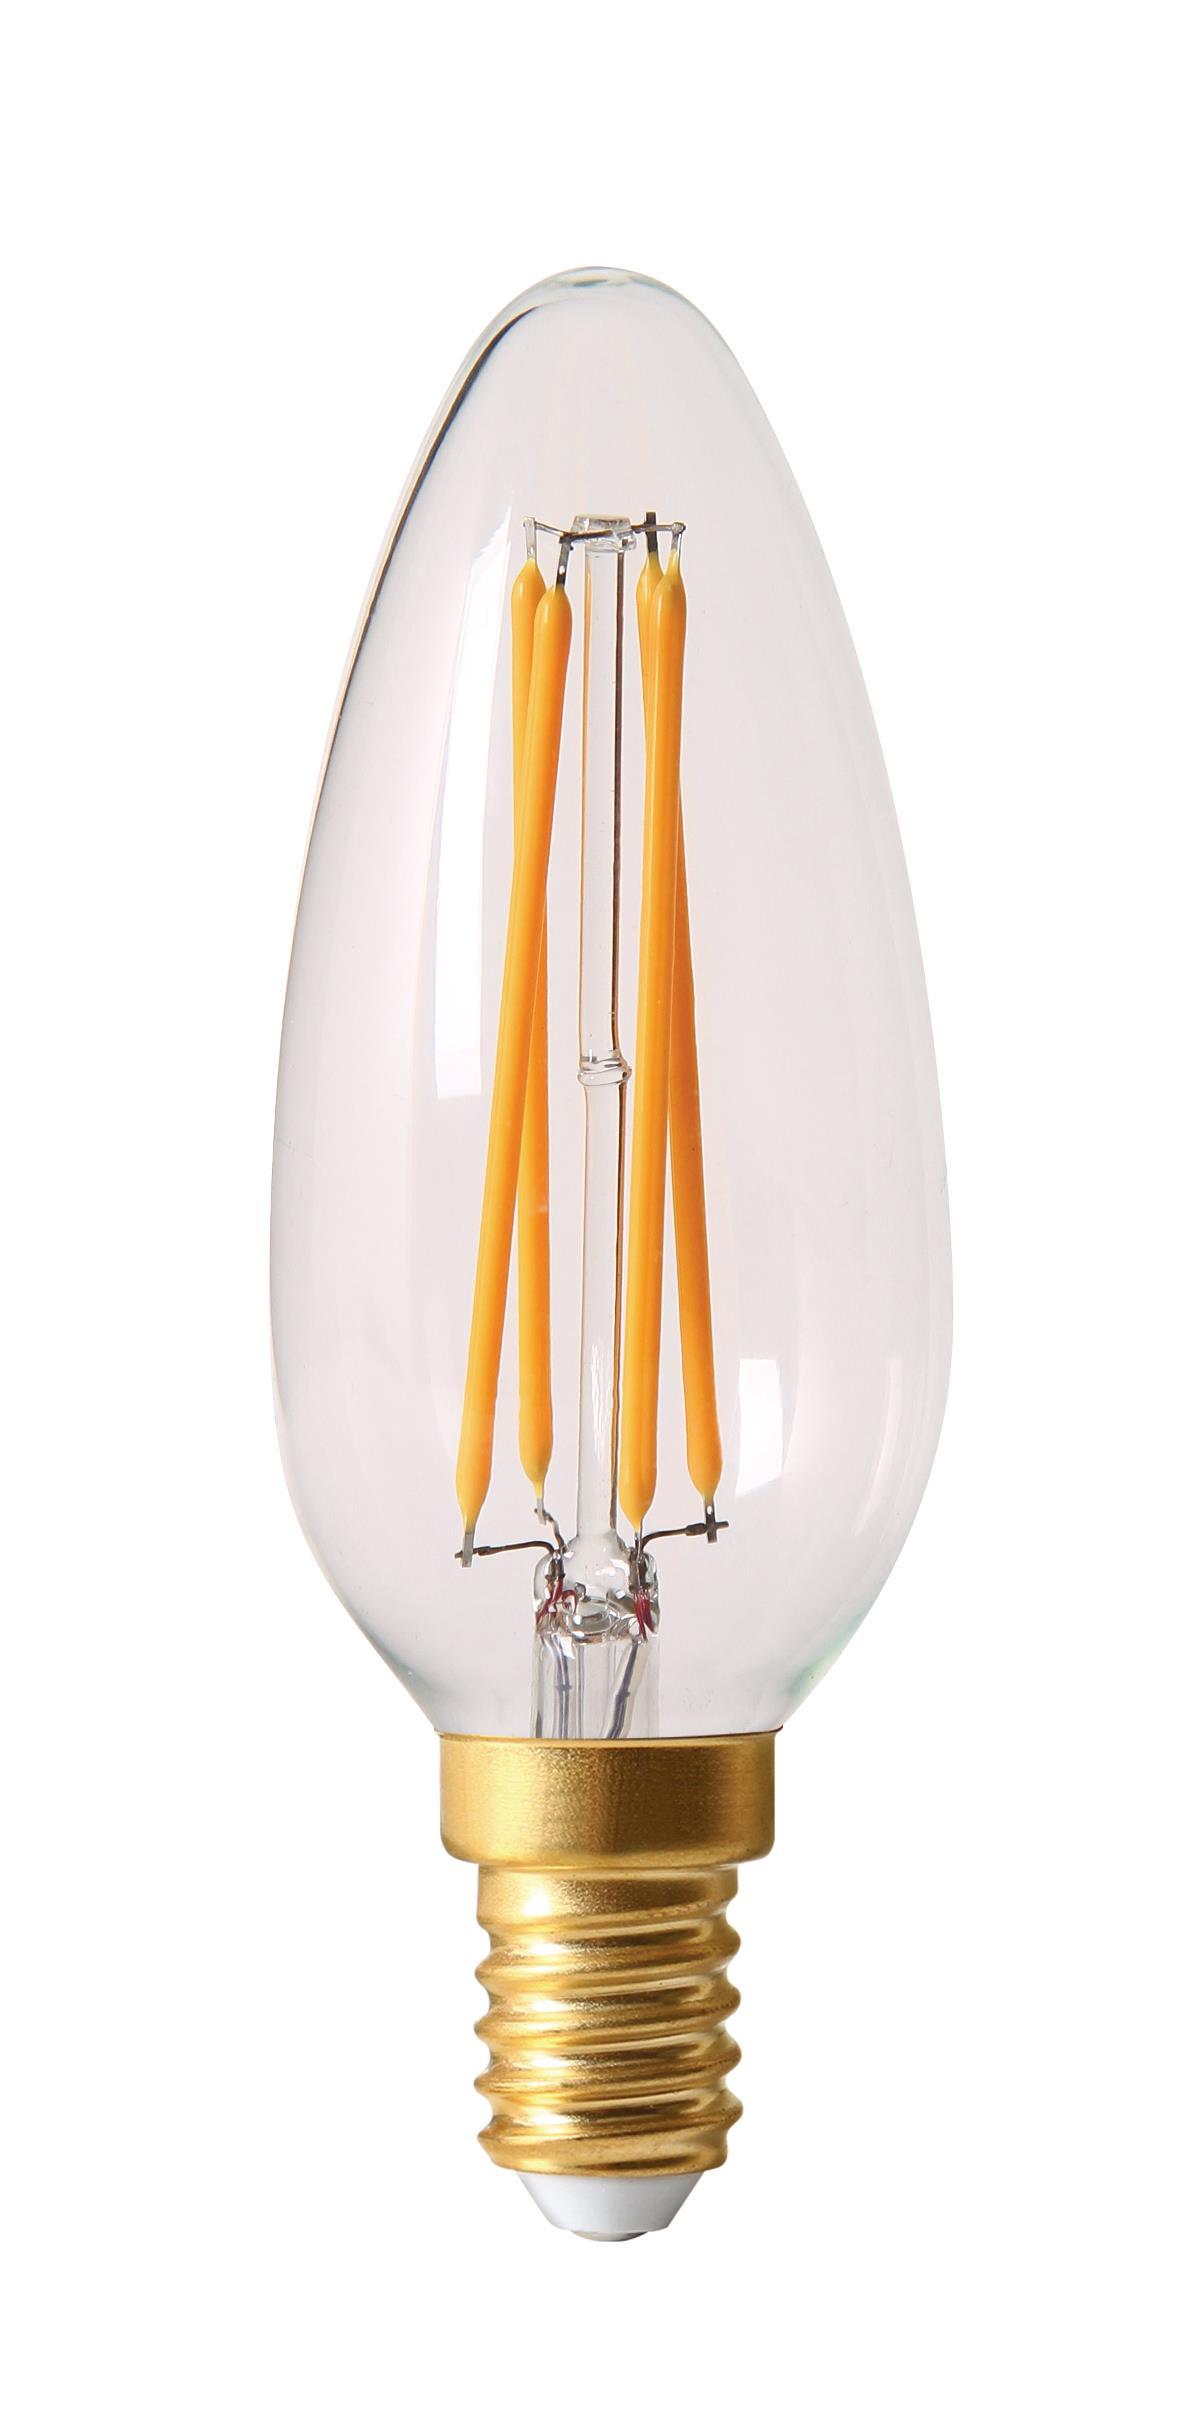 danlamp – E14 - 3,5w led kirkekerte fra luxlight.dk